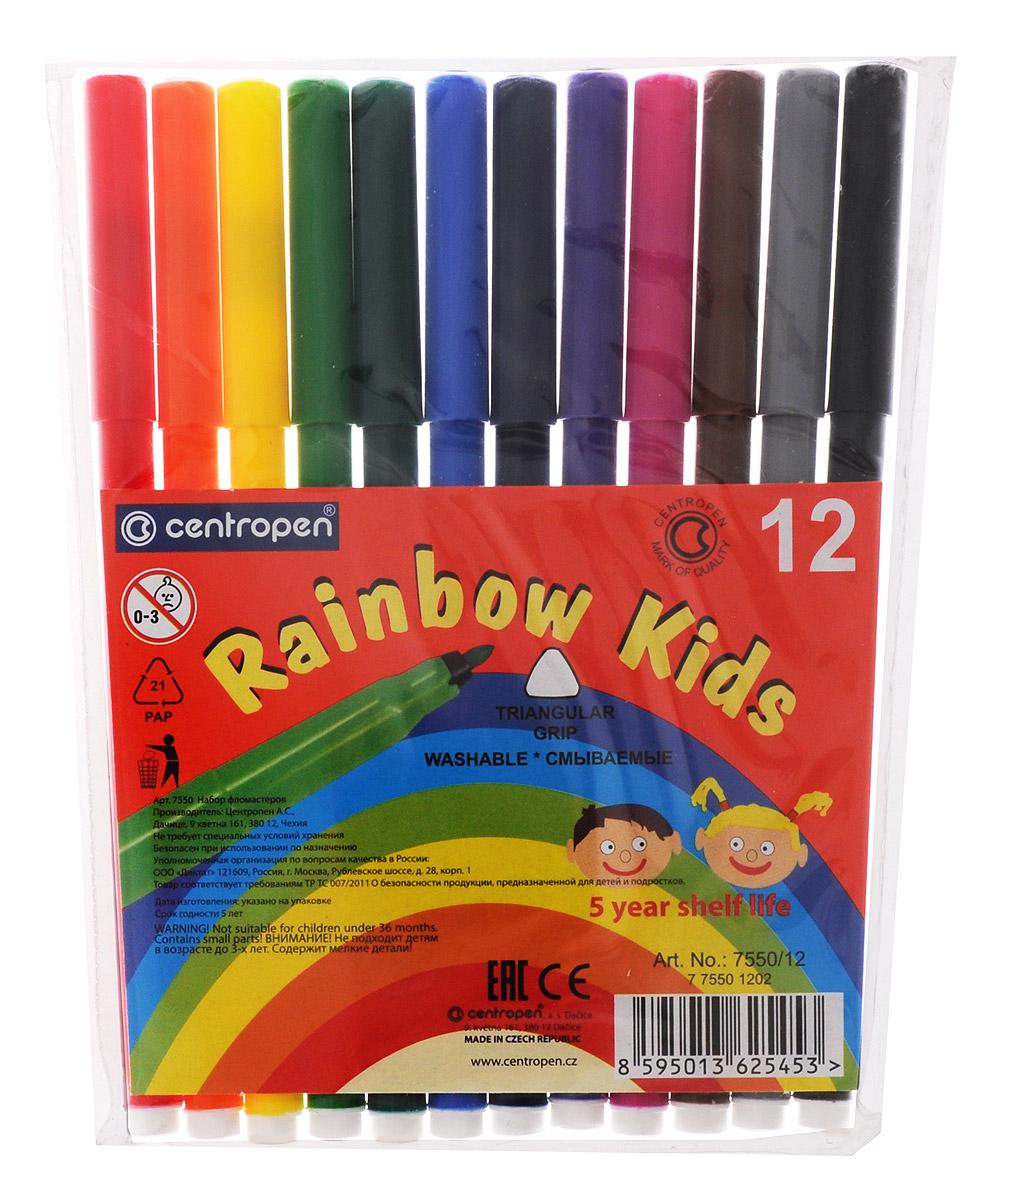 Centropen Набор фломастеров Rainbow Kids 12 цветов